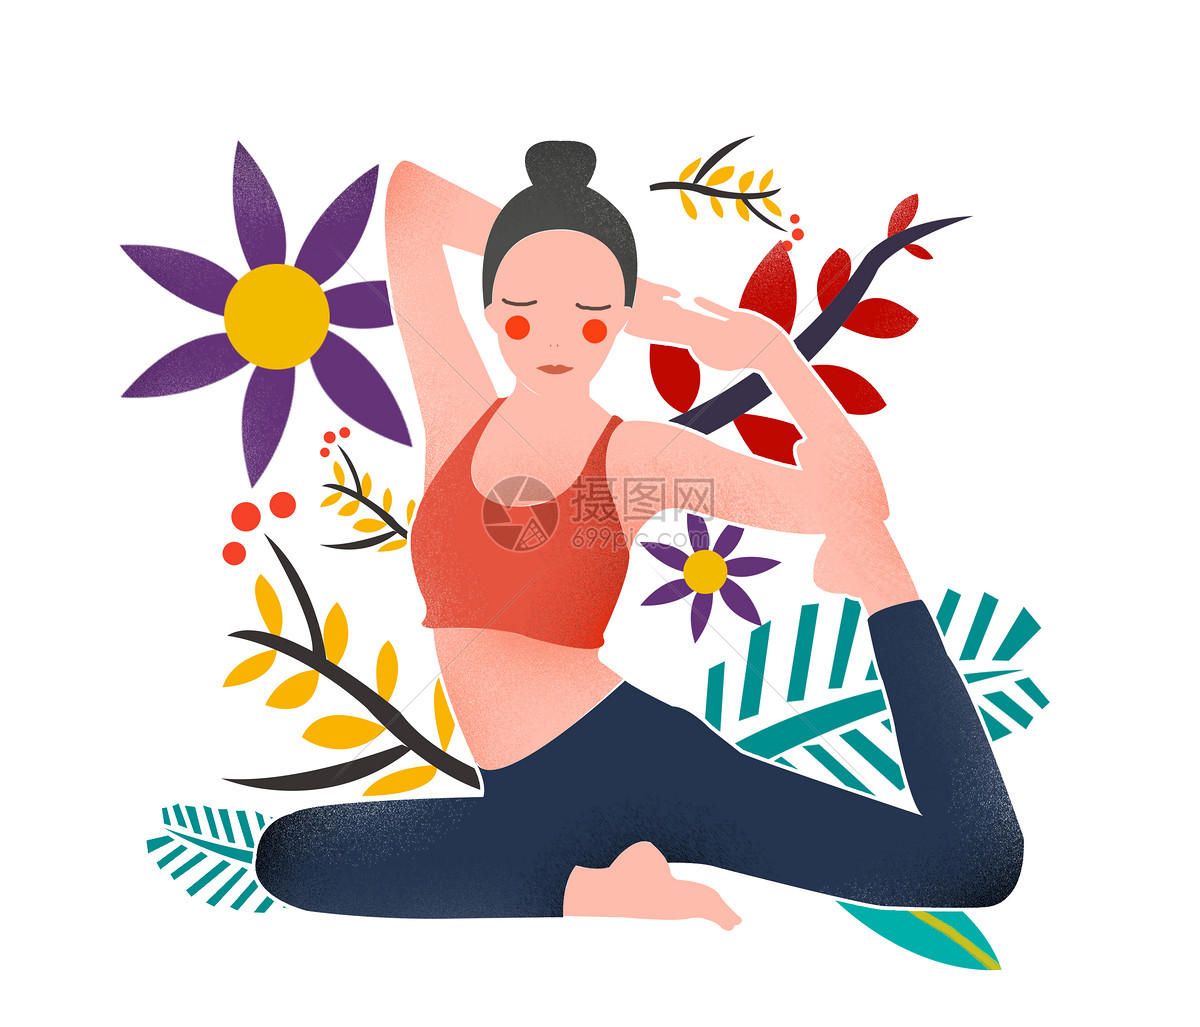 瑜伽手绘卡通图